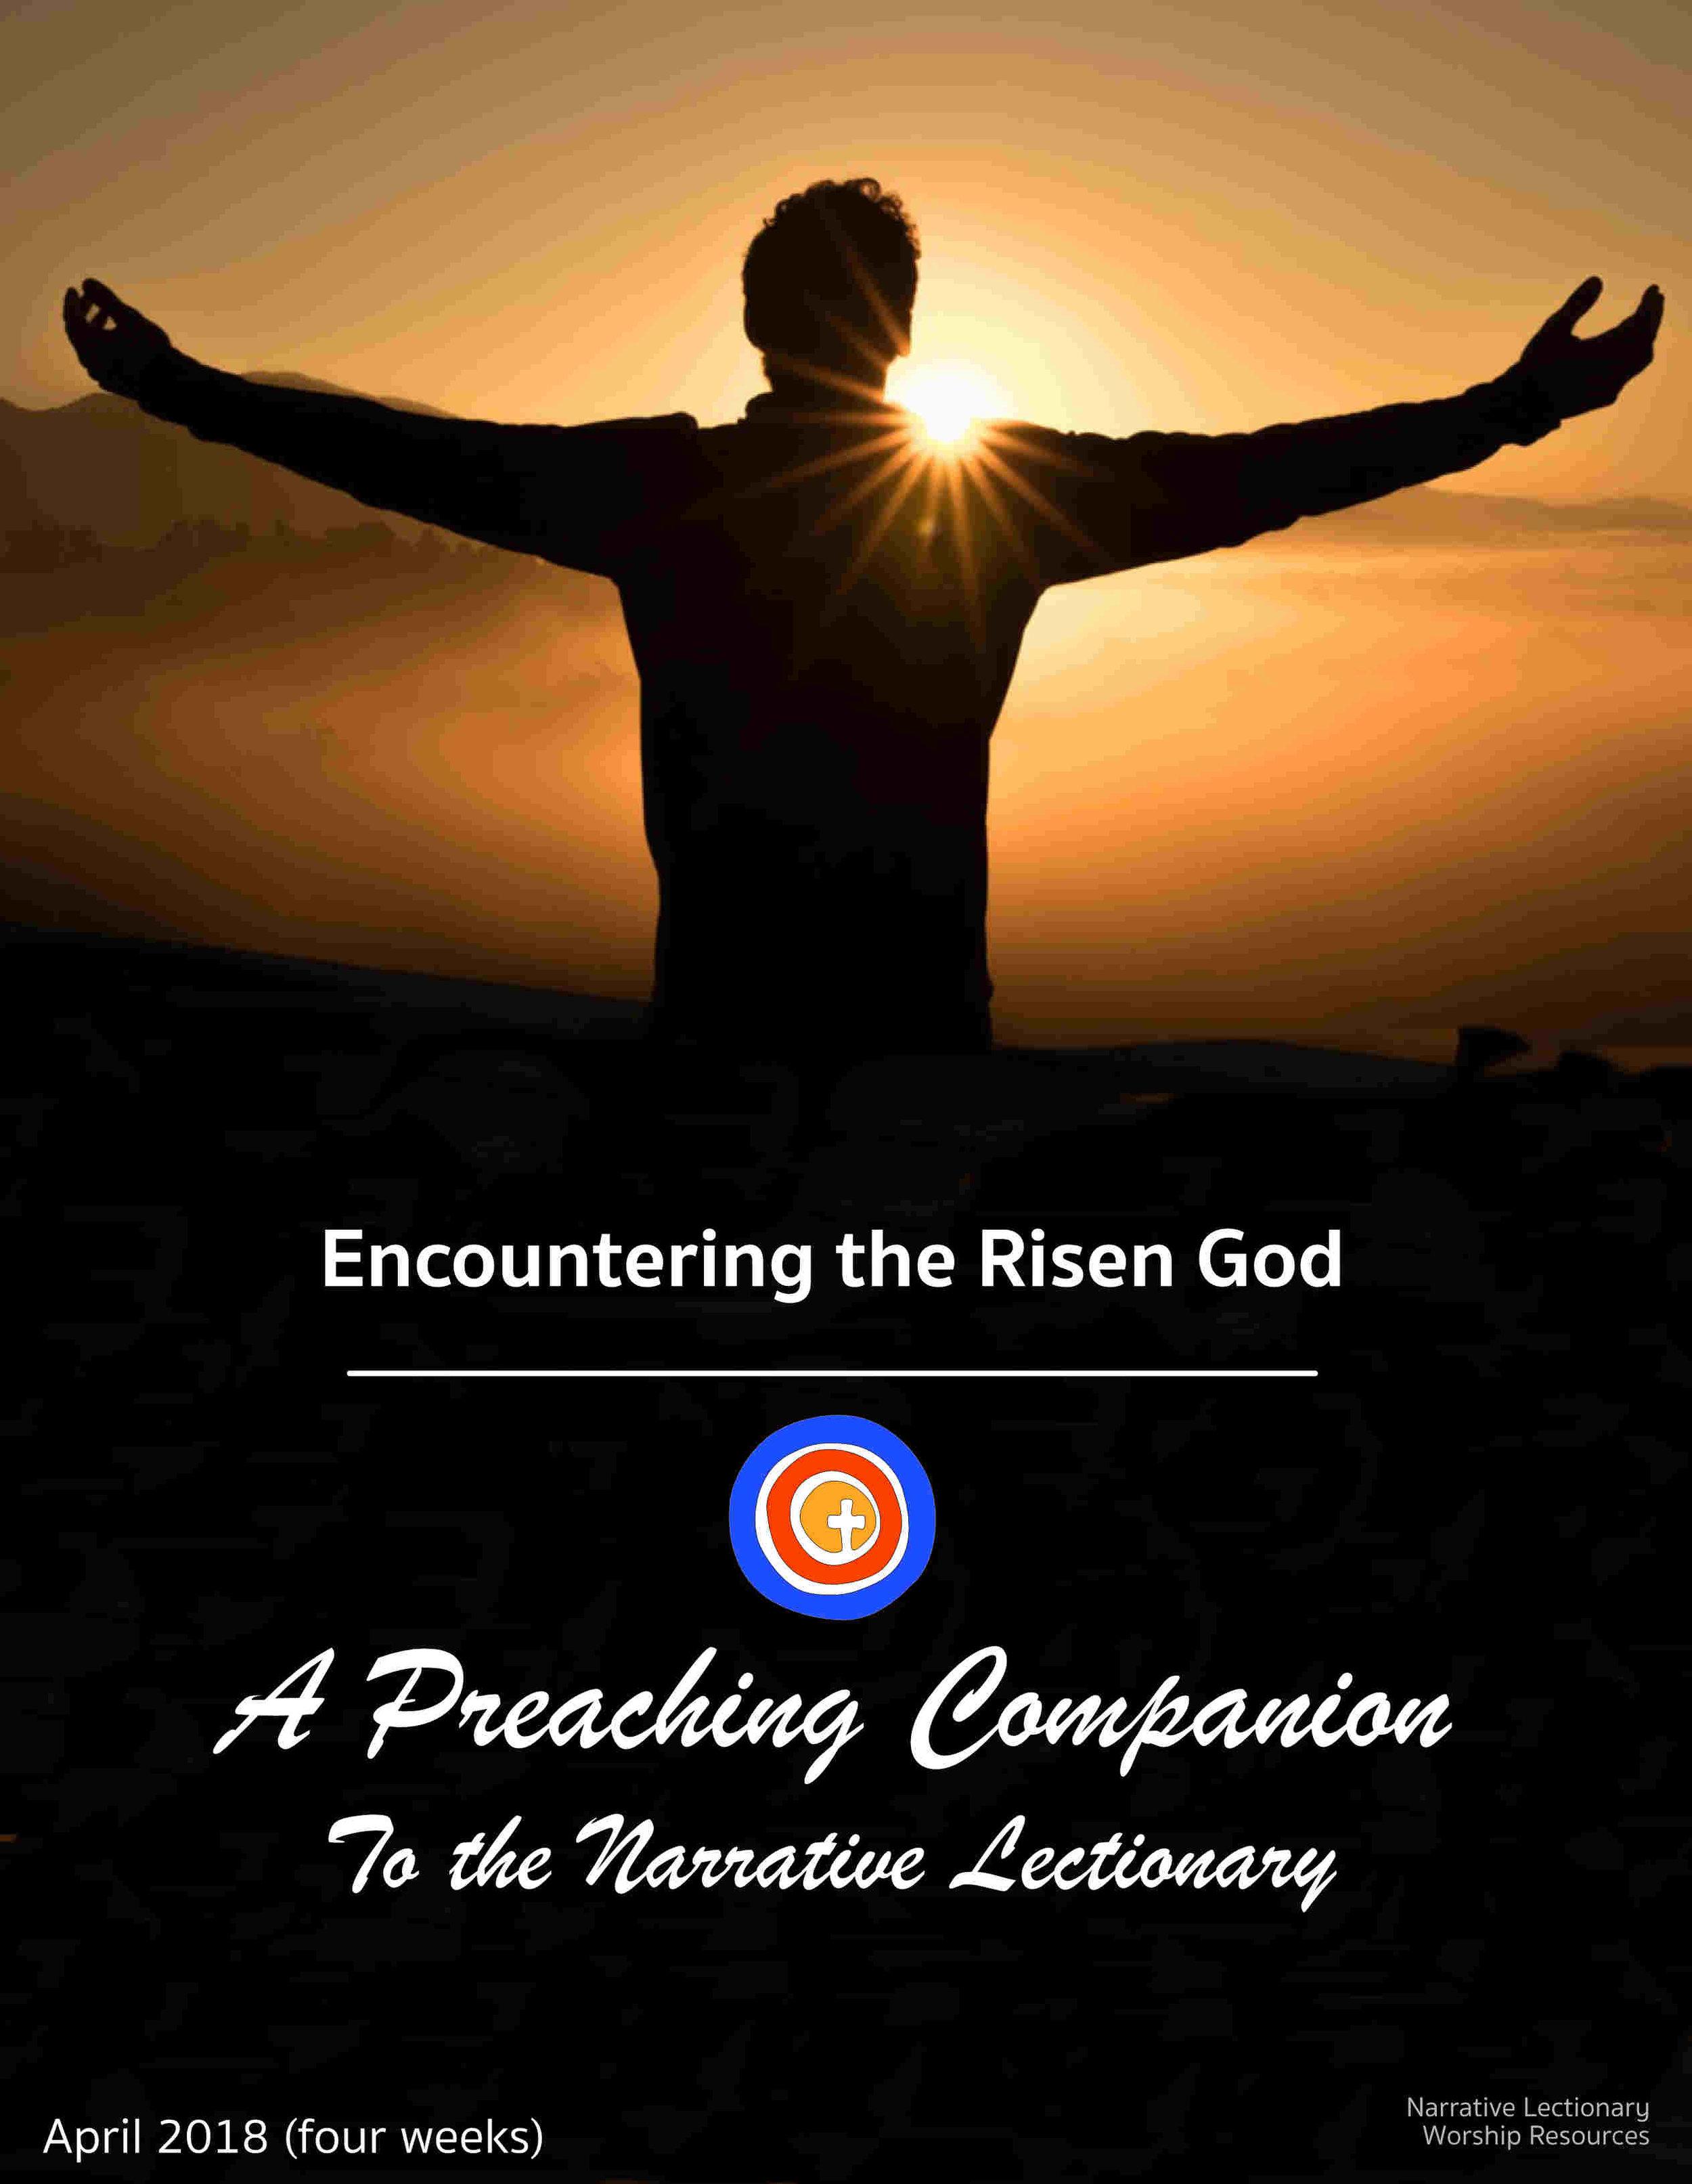 PC 2018-04 Preaching Companion Cover.jpg